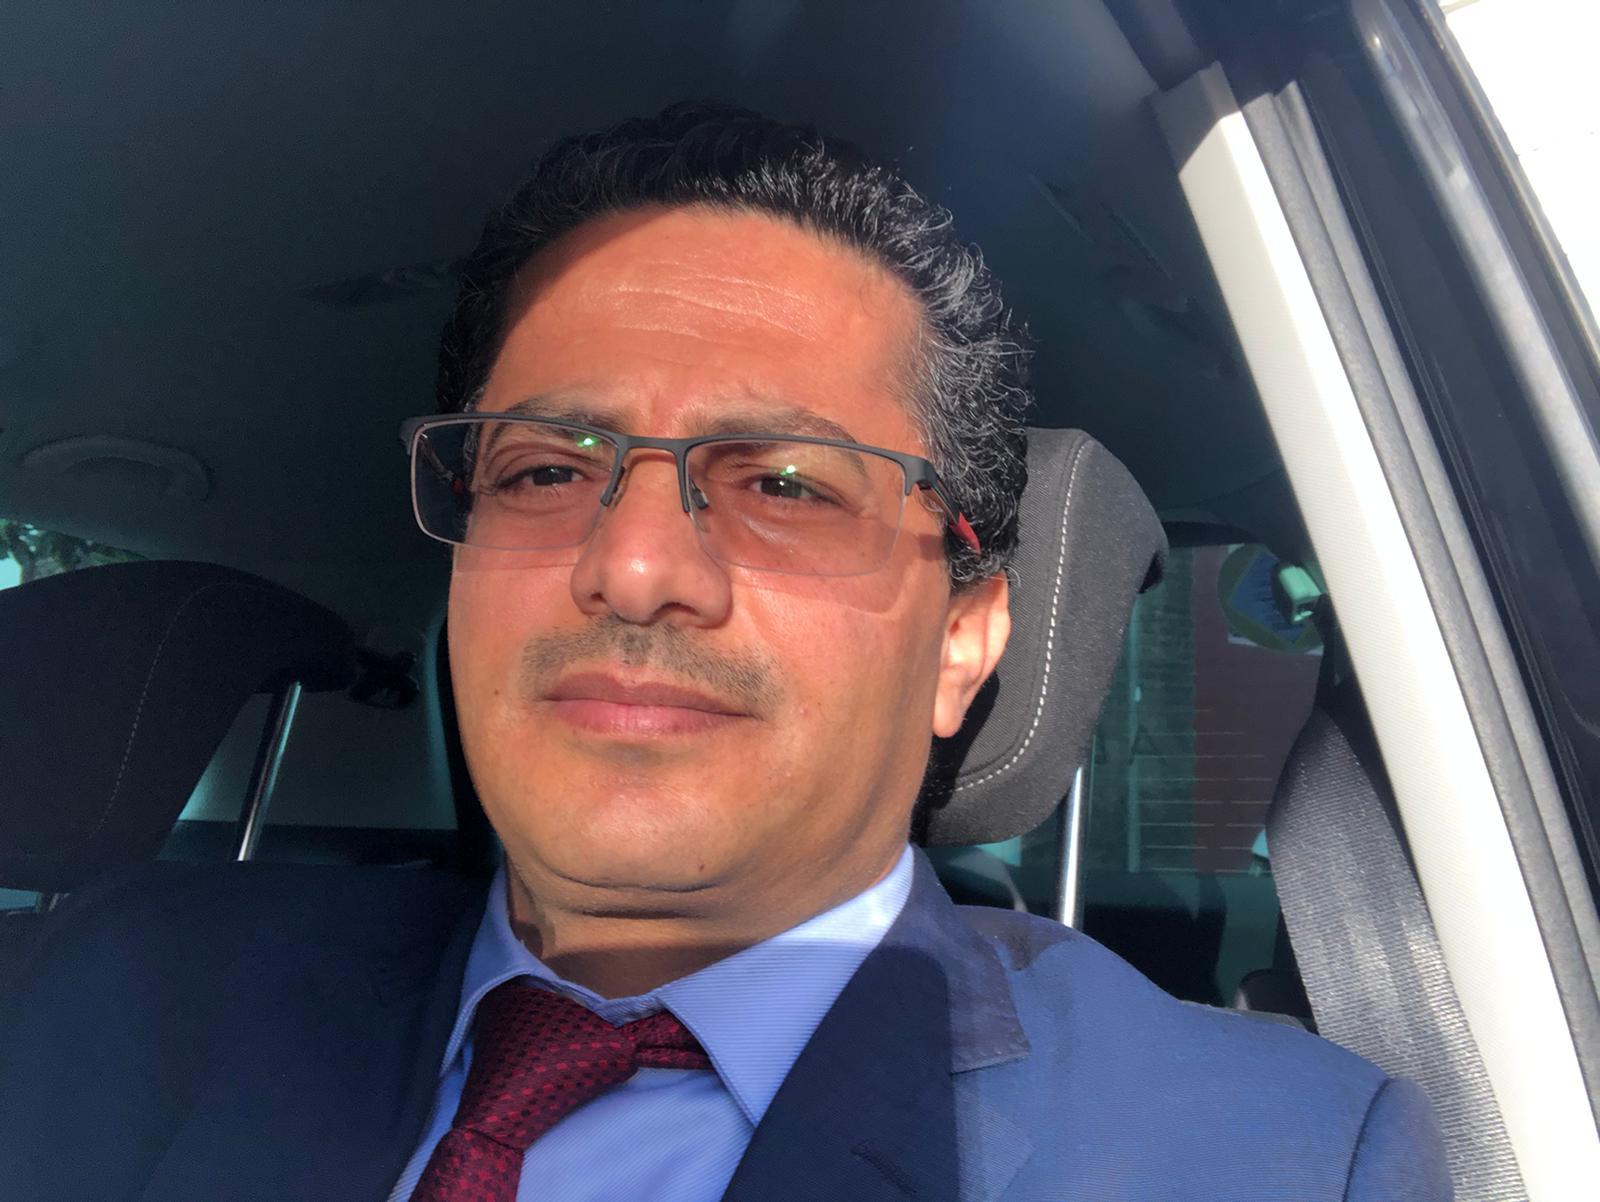 Ali Albukhaiti